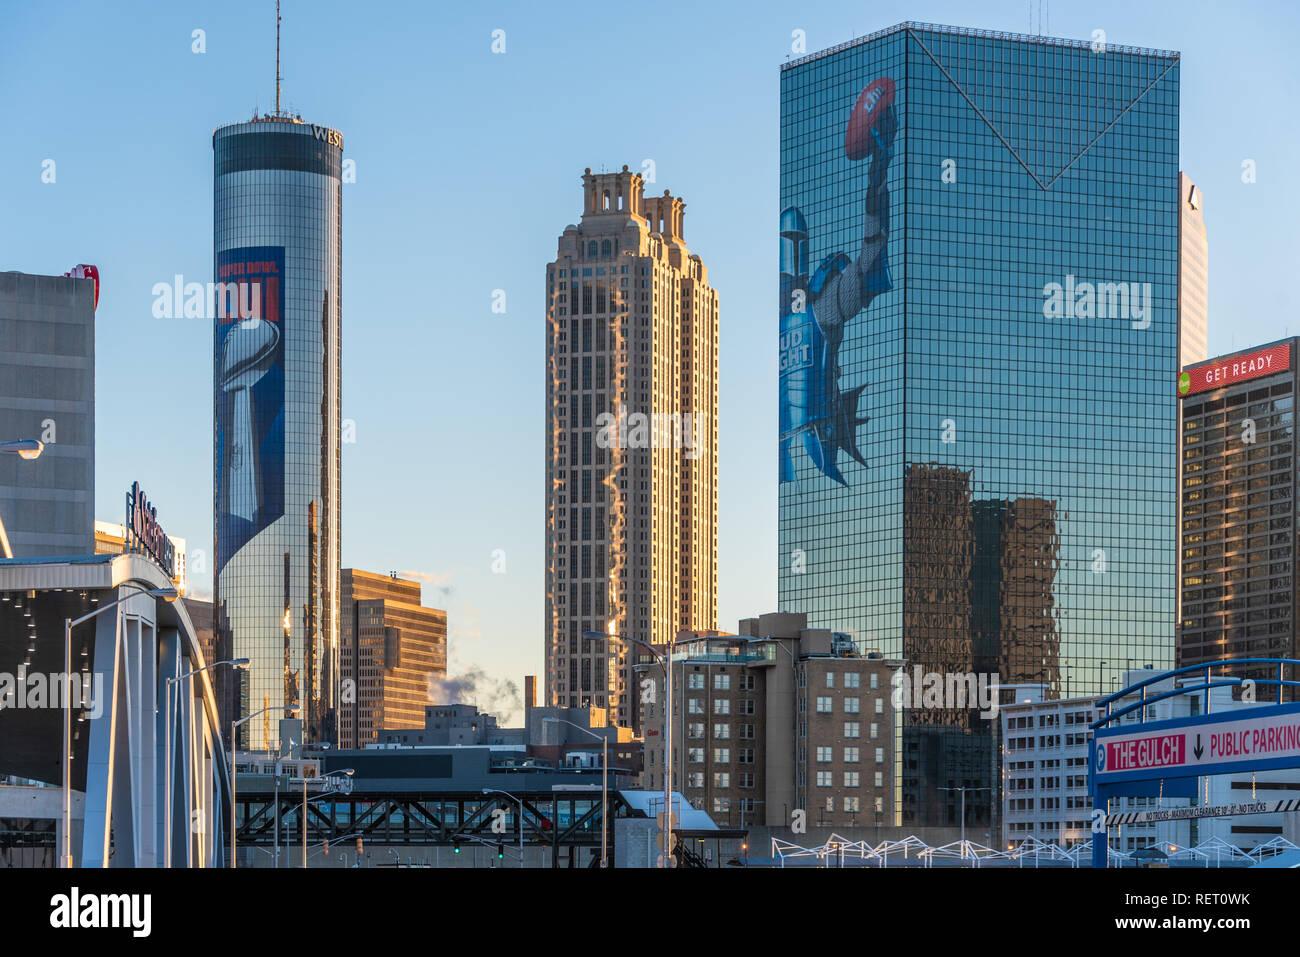 Die Innenstadt von Atlanta, Georgia, mit Super Bowl LIII mega-Grafiken von Ikonischen hohes Glas Türme der Stadt. (USA) Stockbild